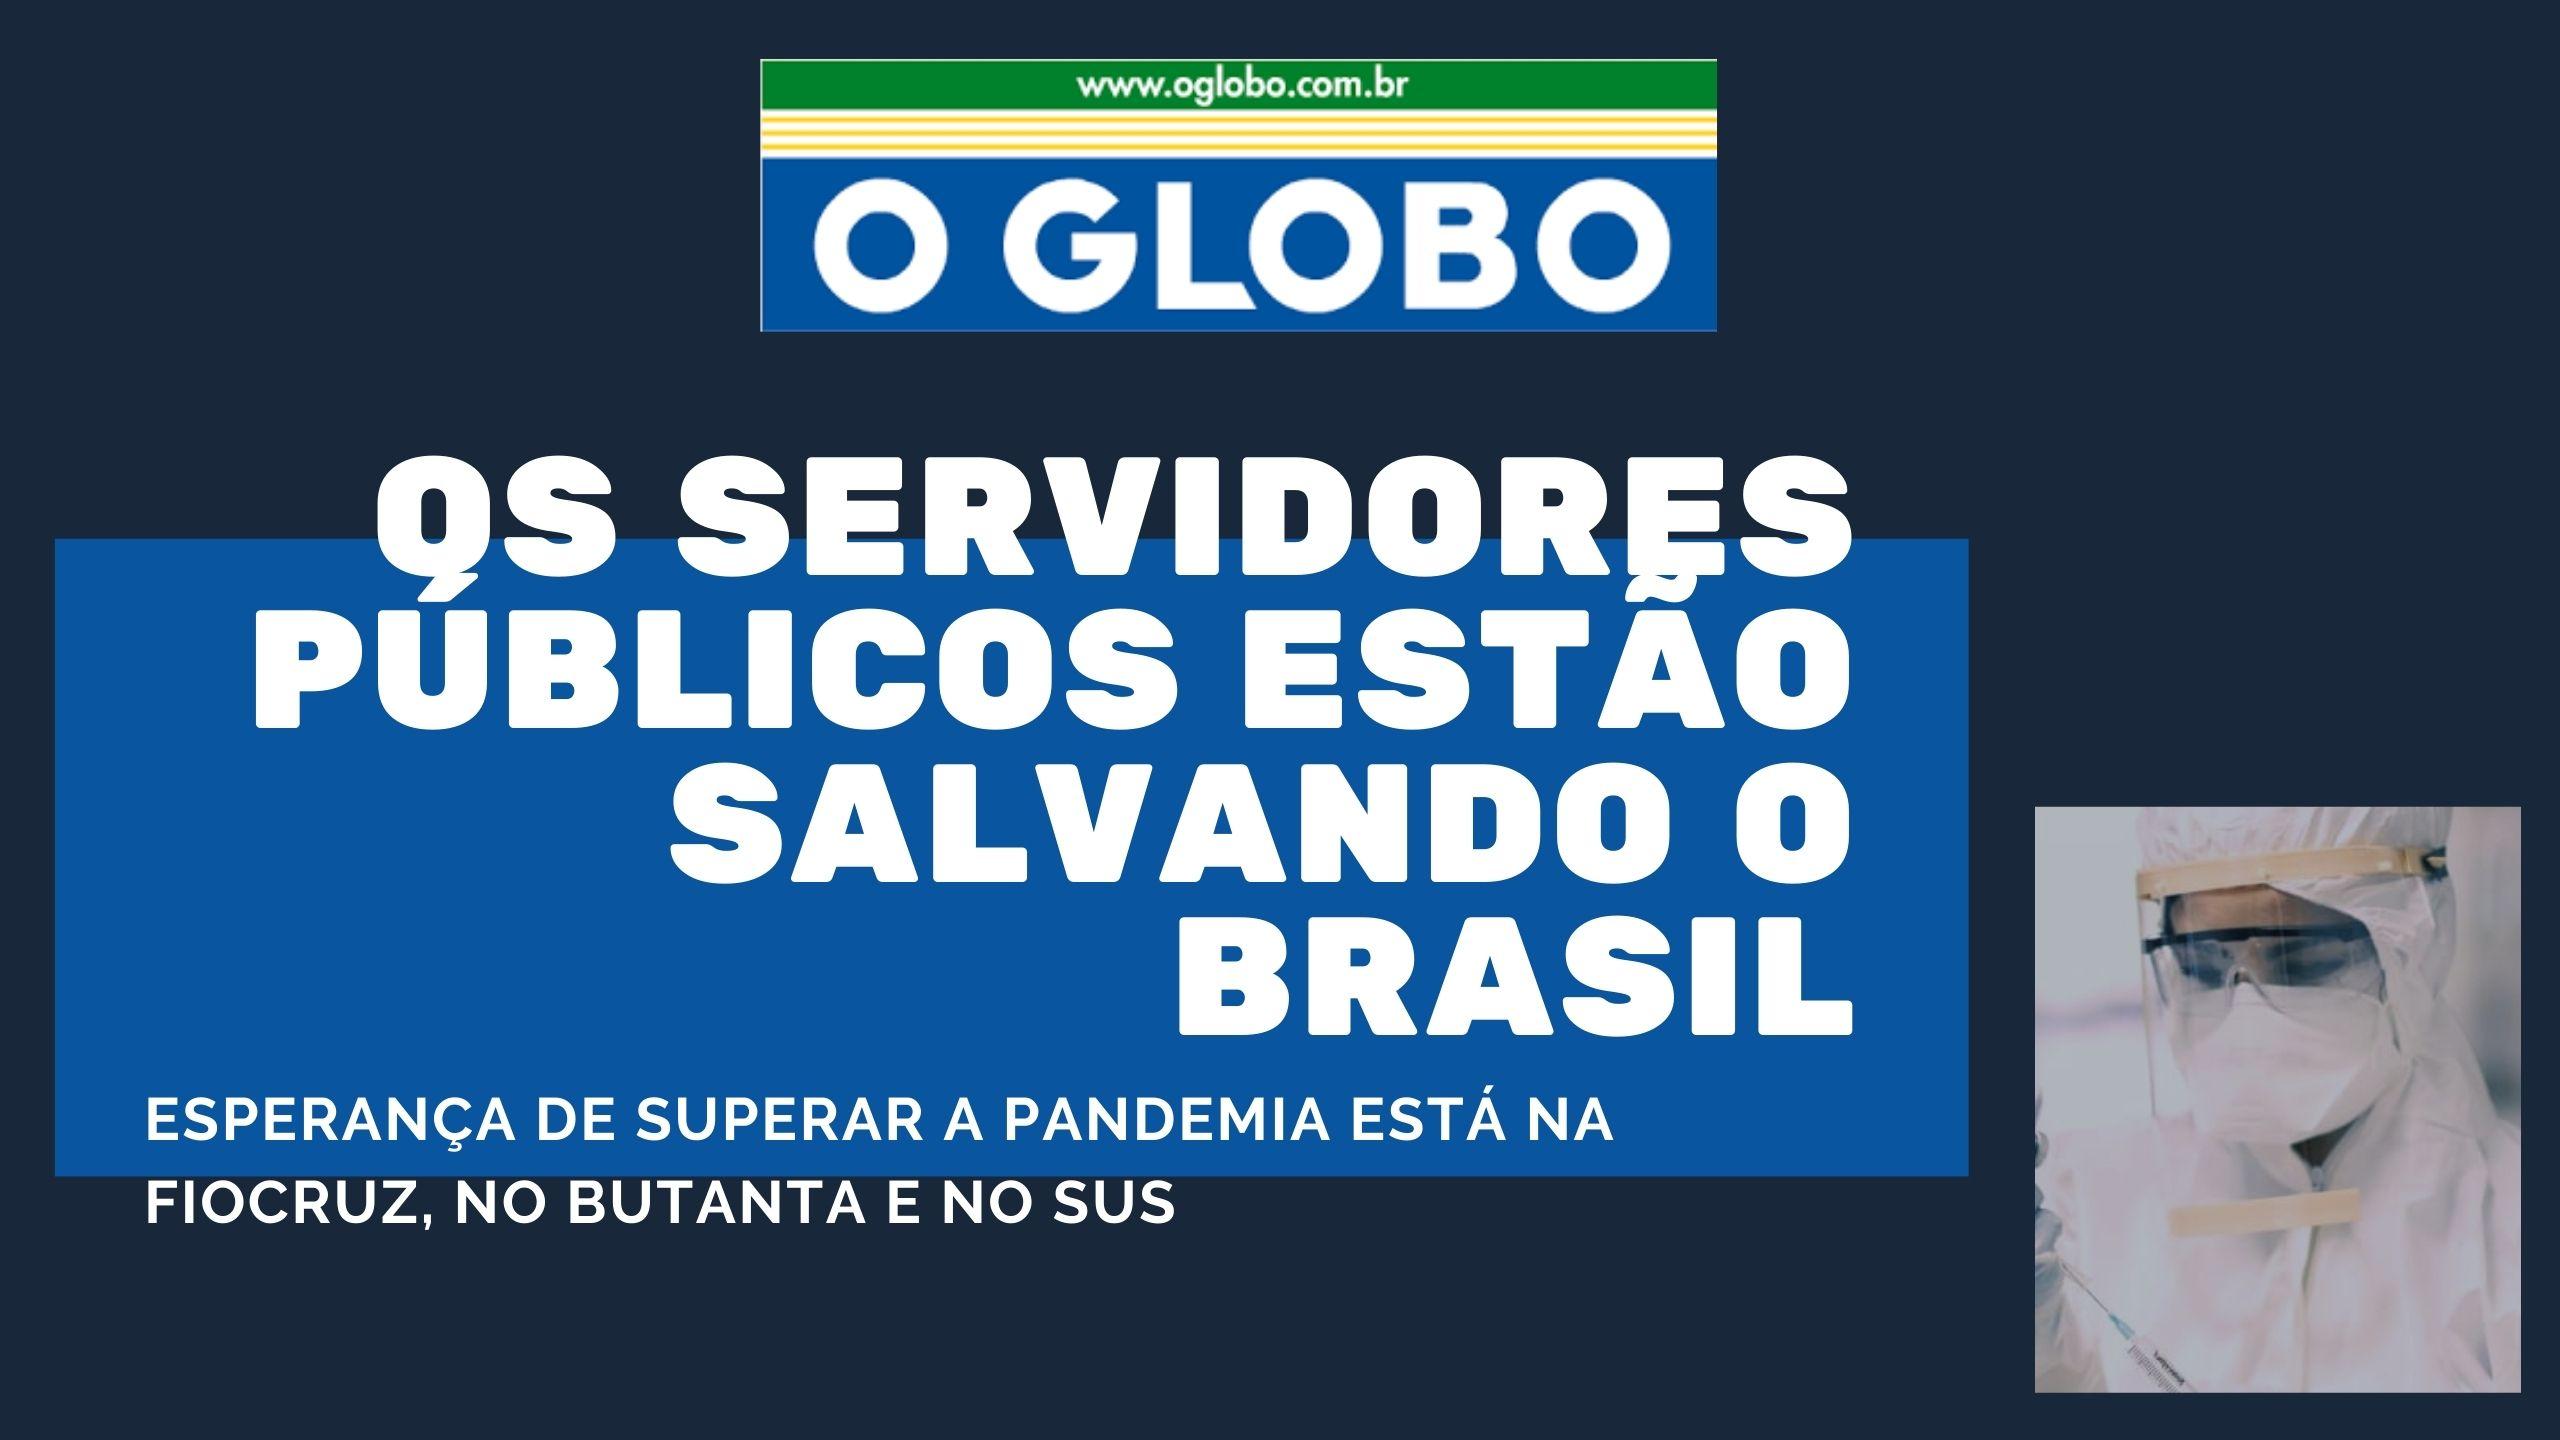 Os Servidores Públicos Estão Salvando O Brasil